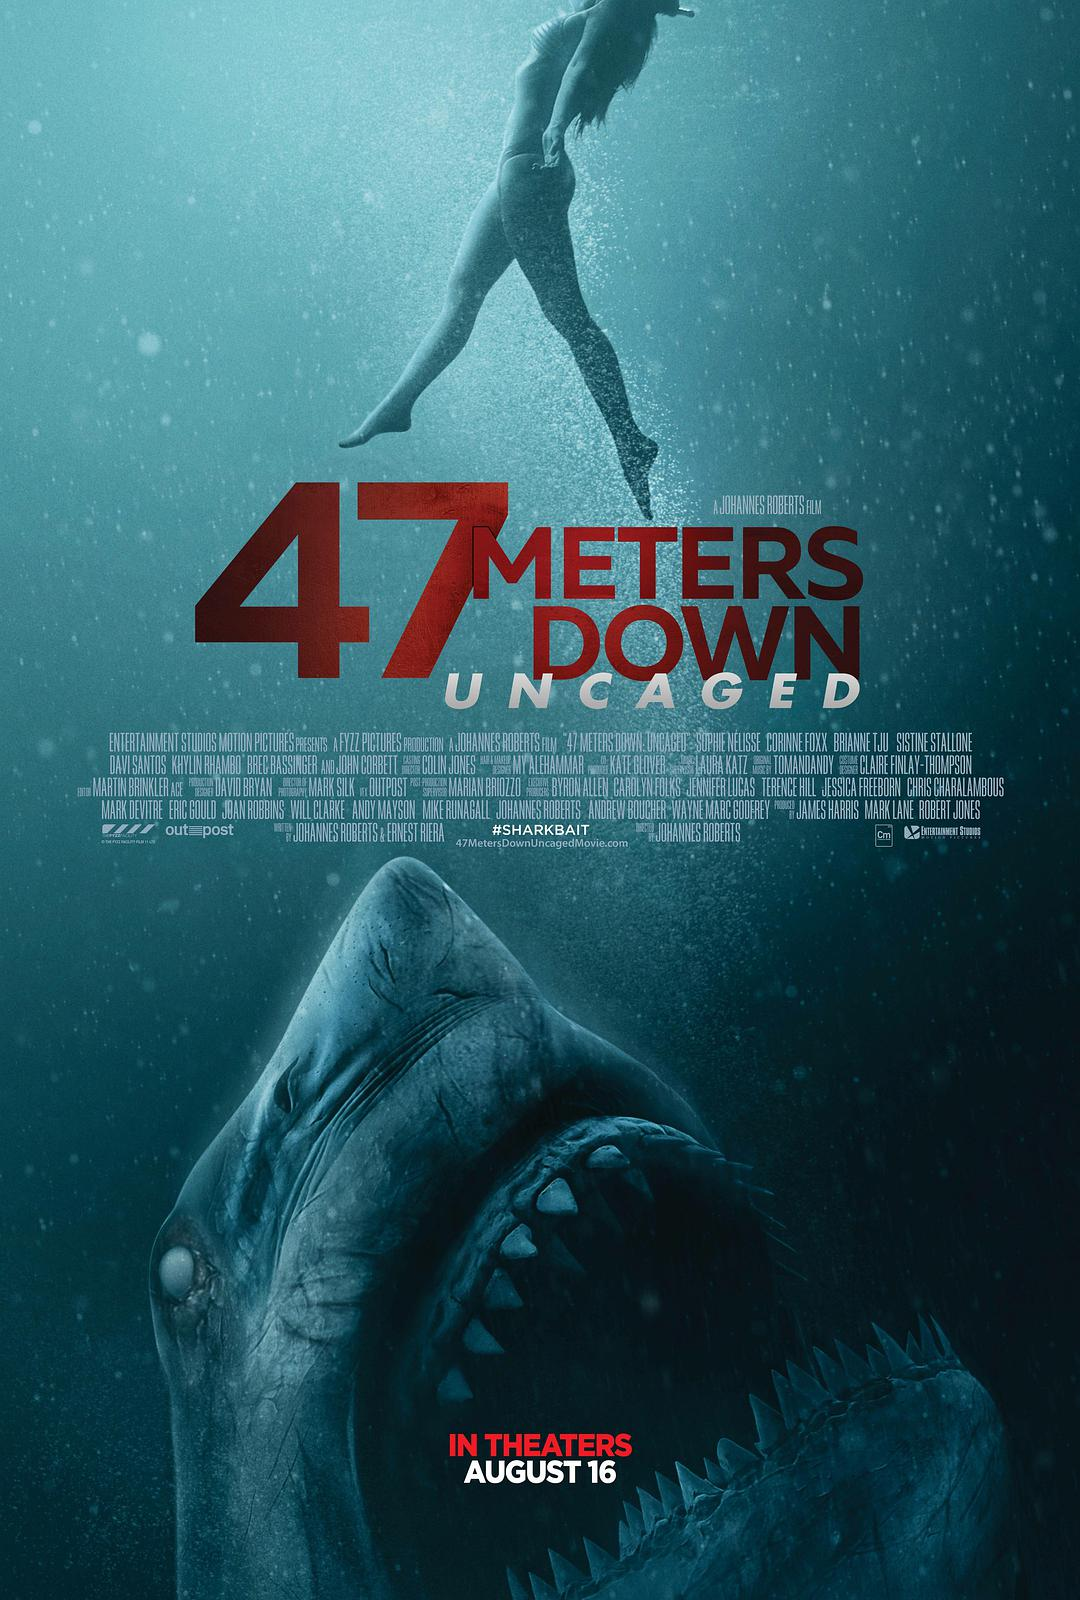 鲨海47:猛鲨出笼海报剧照